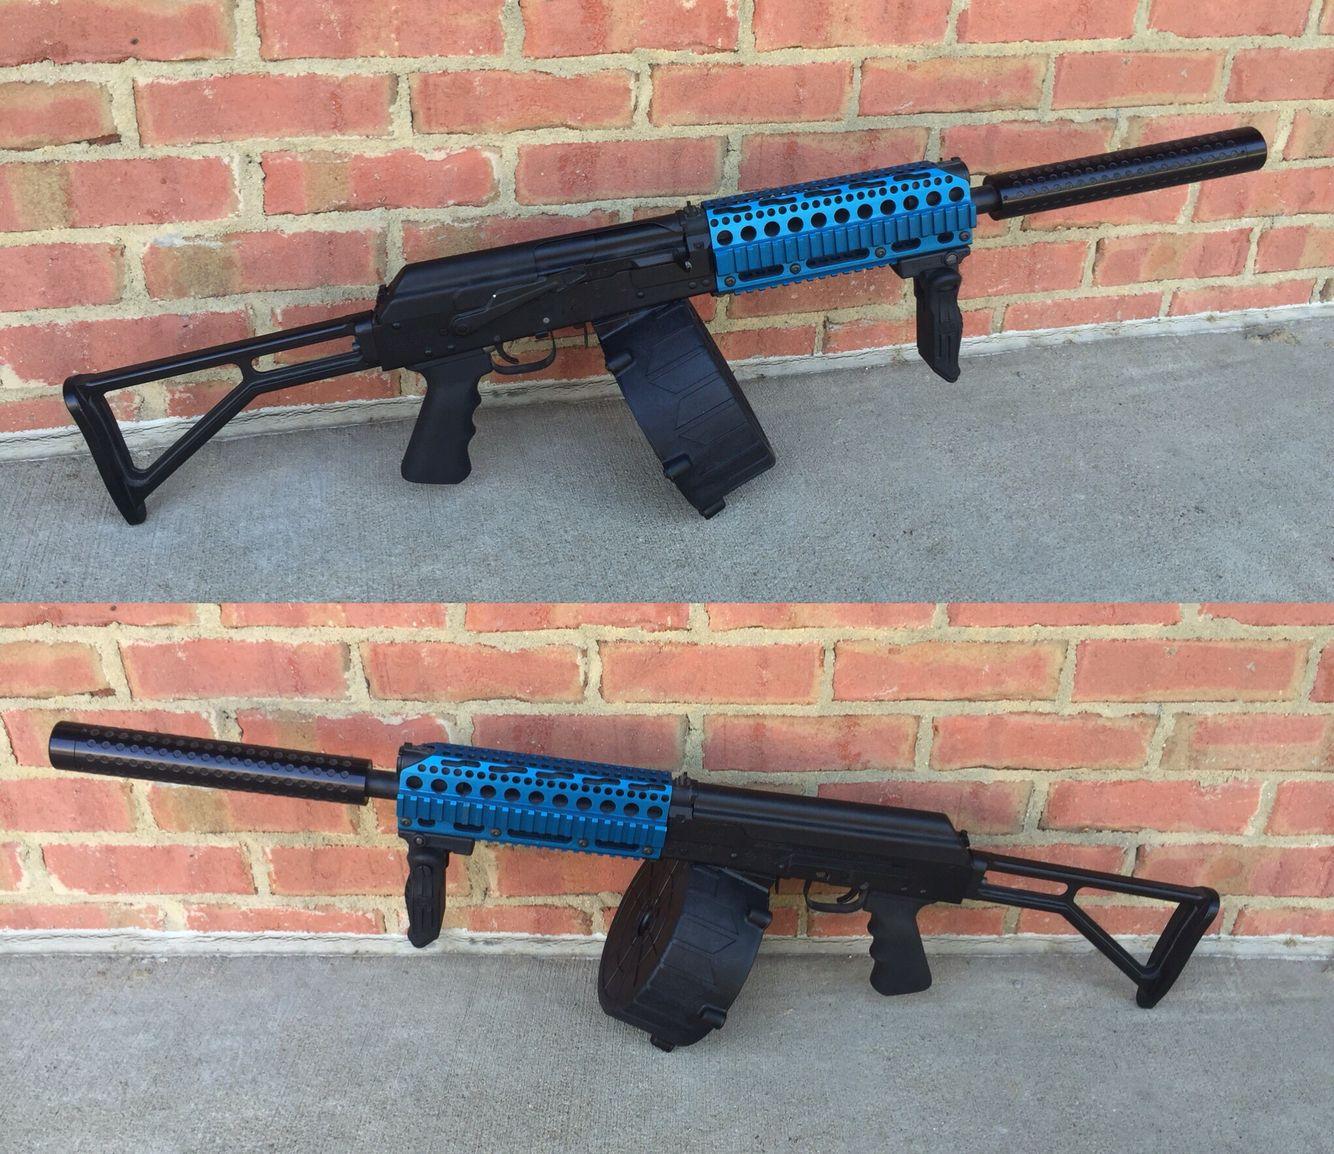 KS-23M shotgun, PSS pistol, SVU-A sniper rifle | Kool Tac Stuph ...